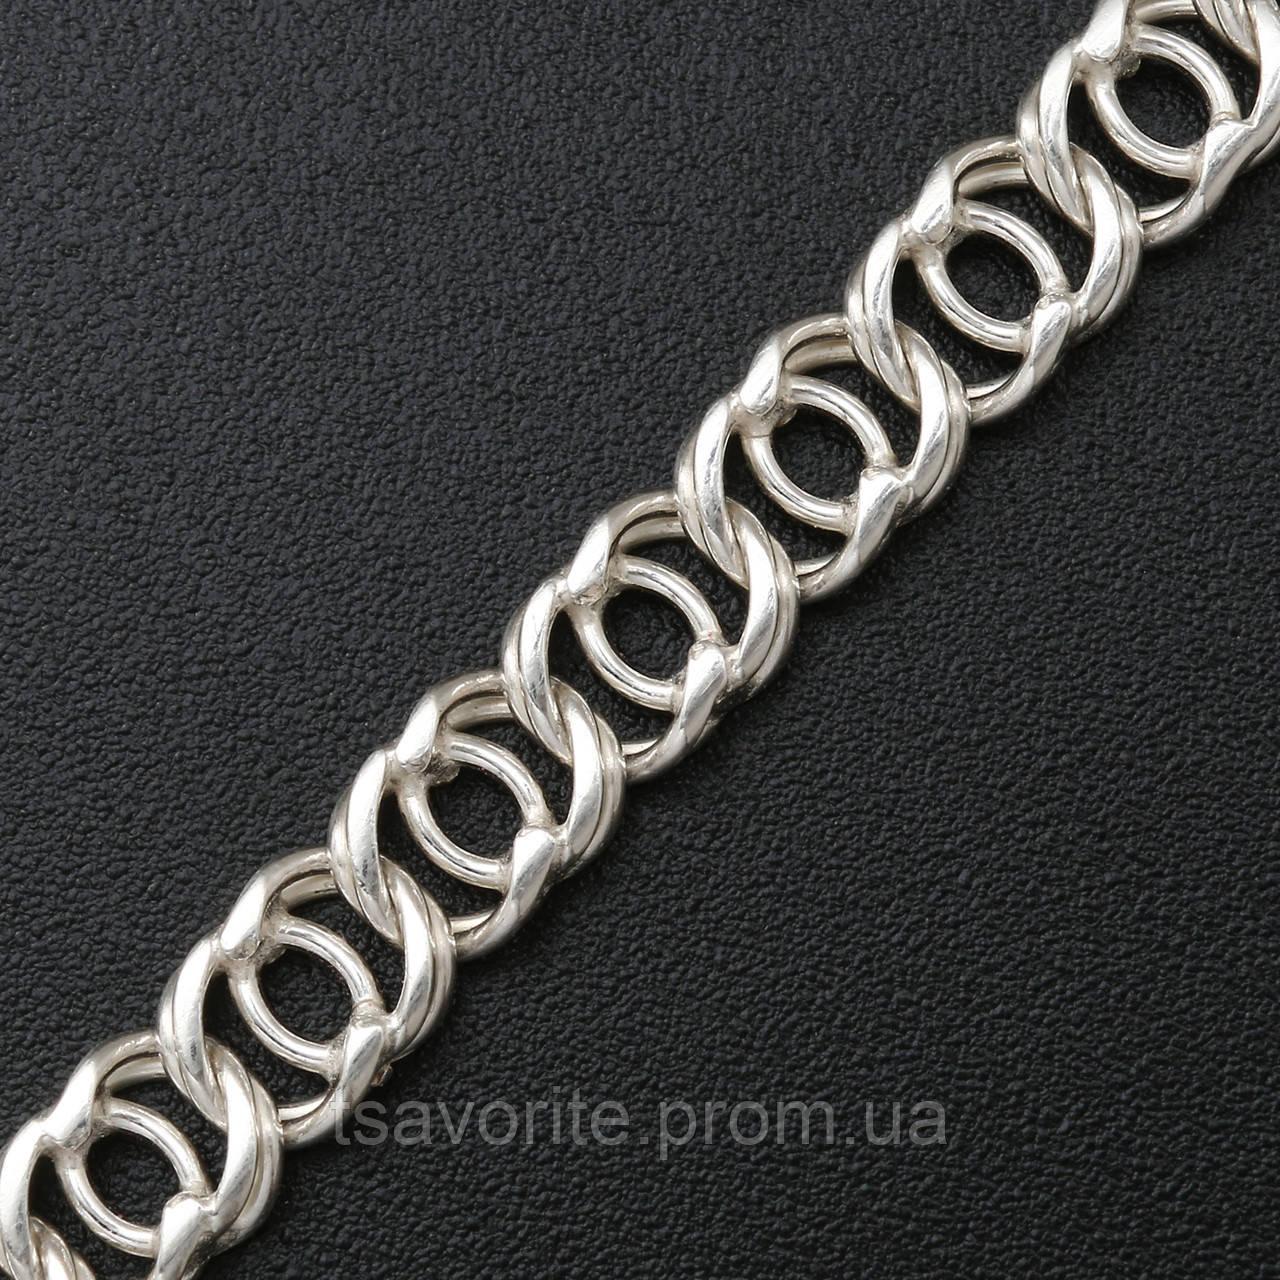 Серебряная цепочка ЕХ-37